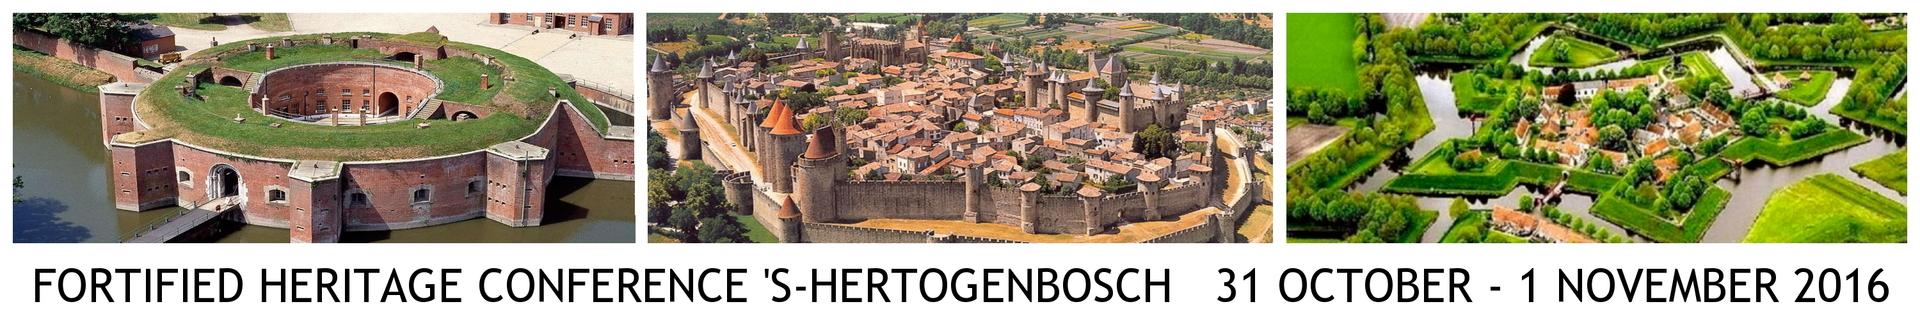 International meeting on fortified heritage